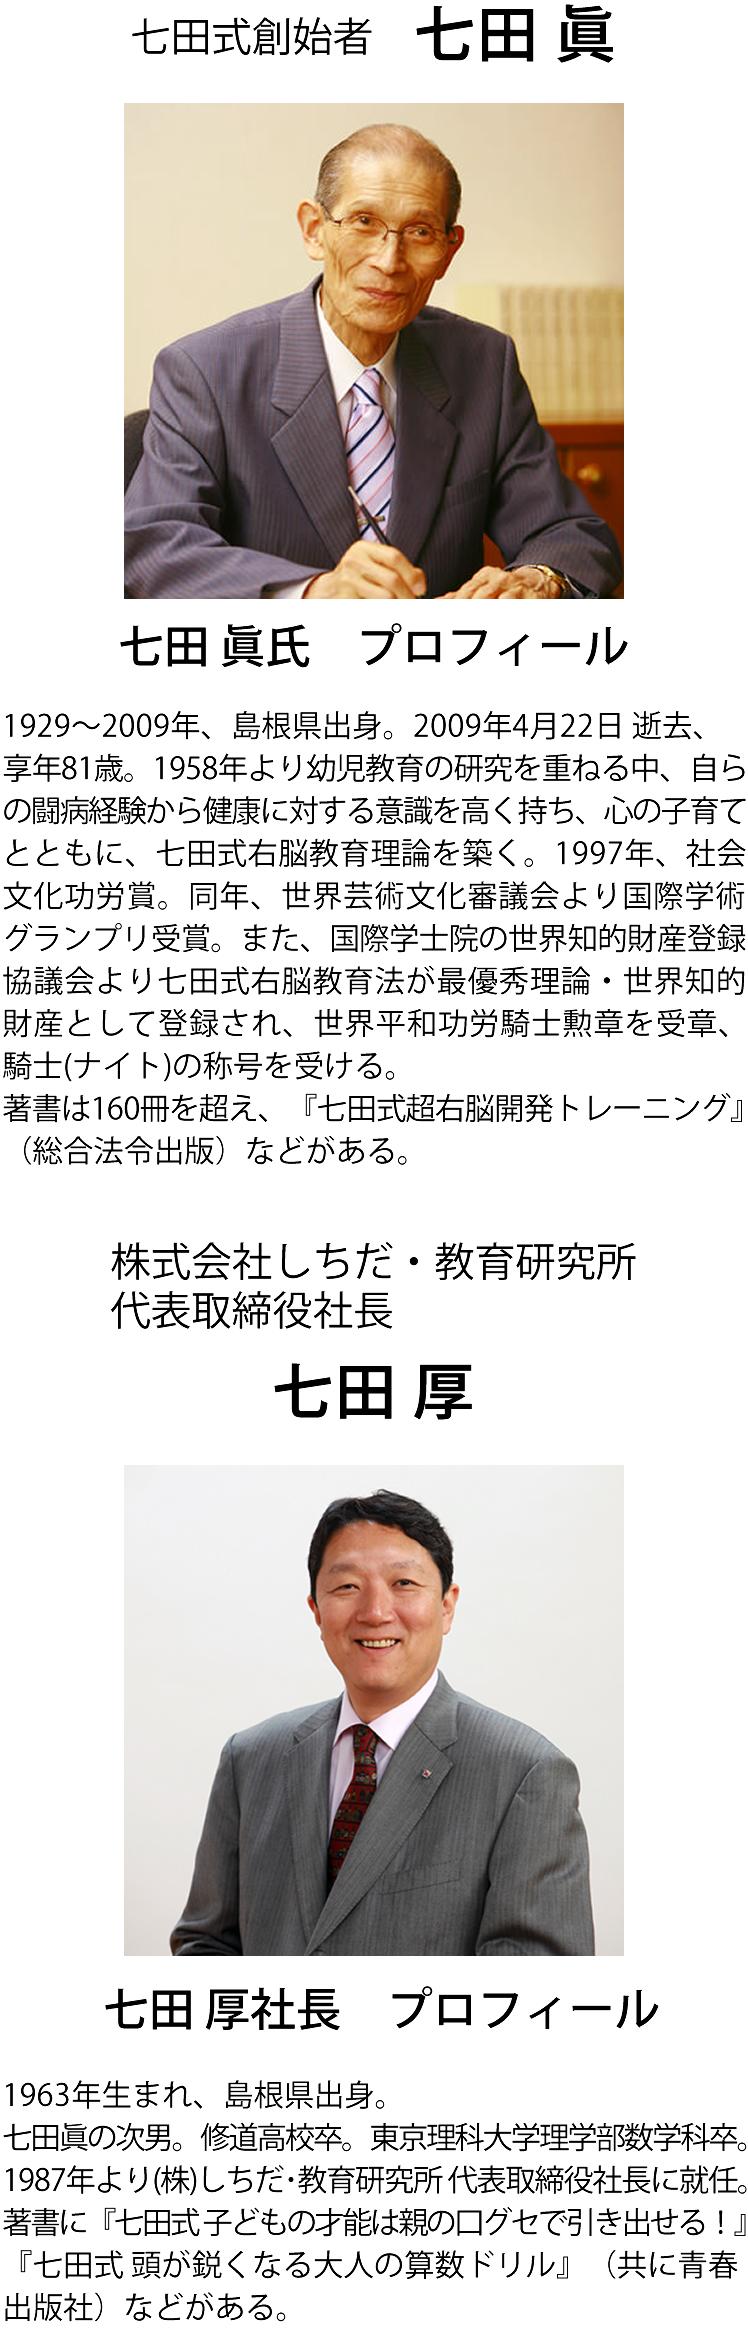 七田式創始者 七田眞氏 株式会社しちだ・教育研究所 代表取締役社長 七田厚